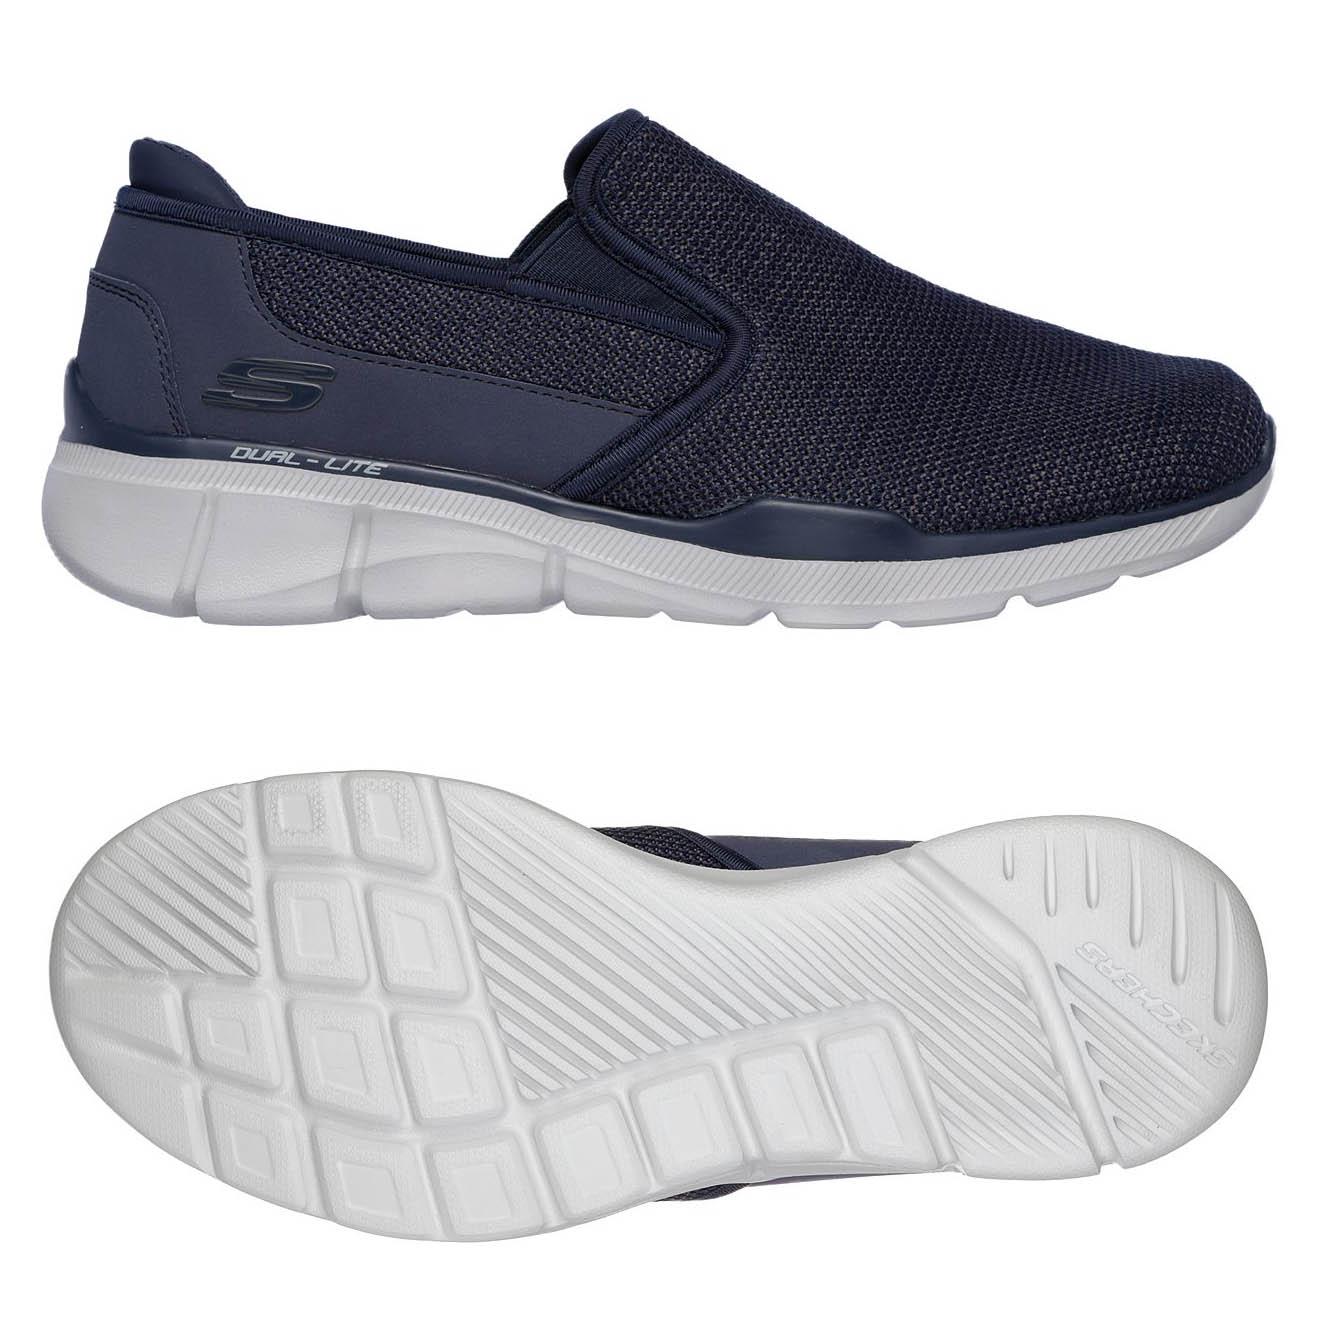 Skechers Equalizer 3.0 Sumnin Mens Walking Shoes - Navy, 10.5 UK